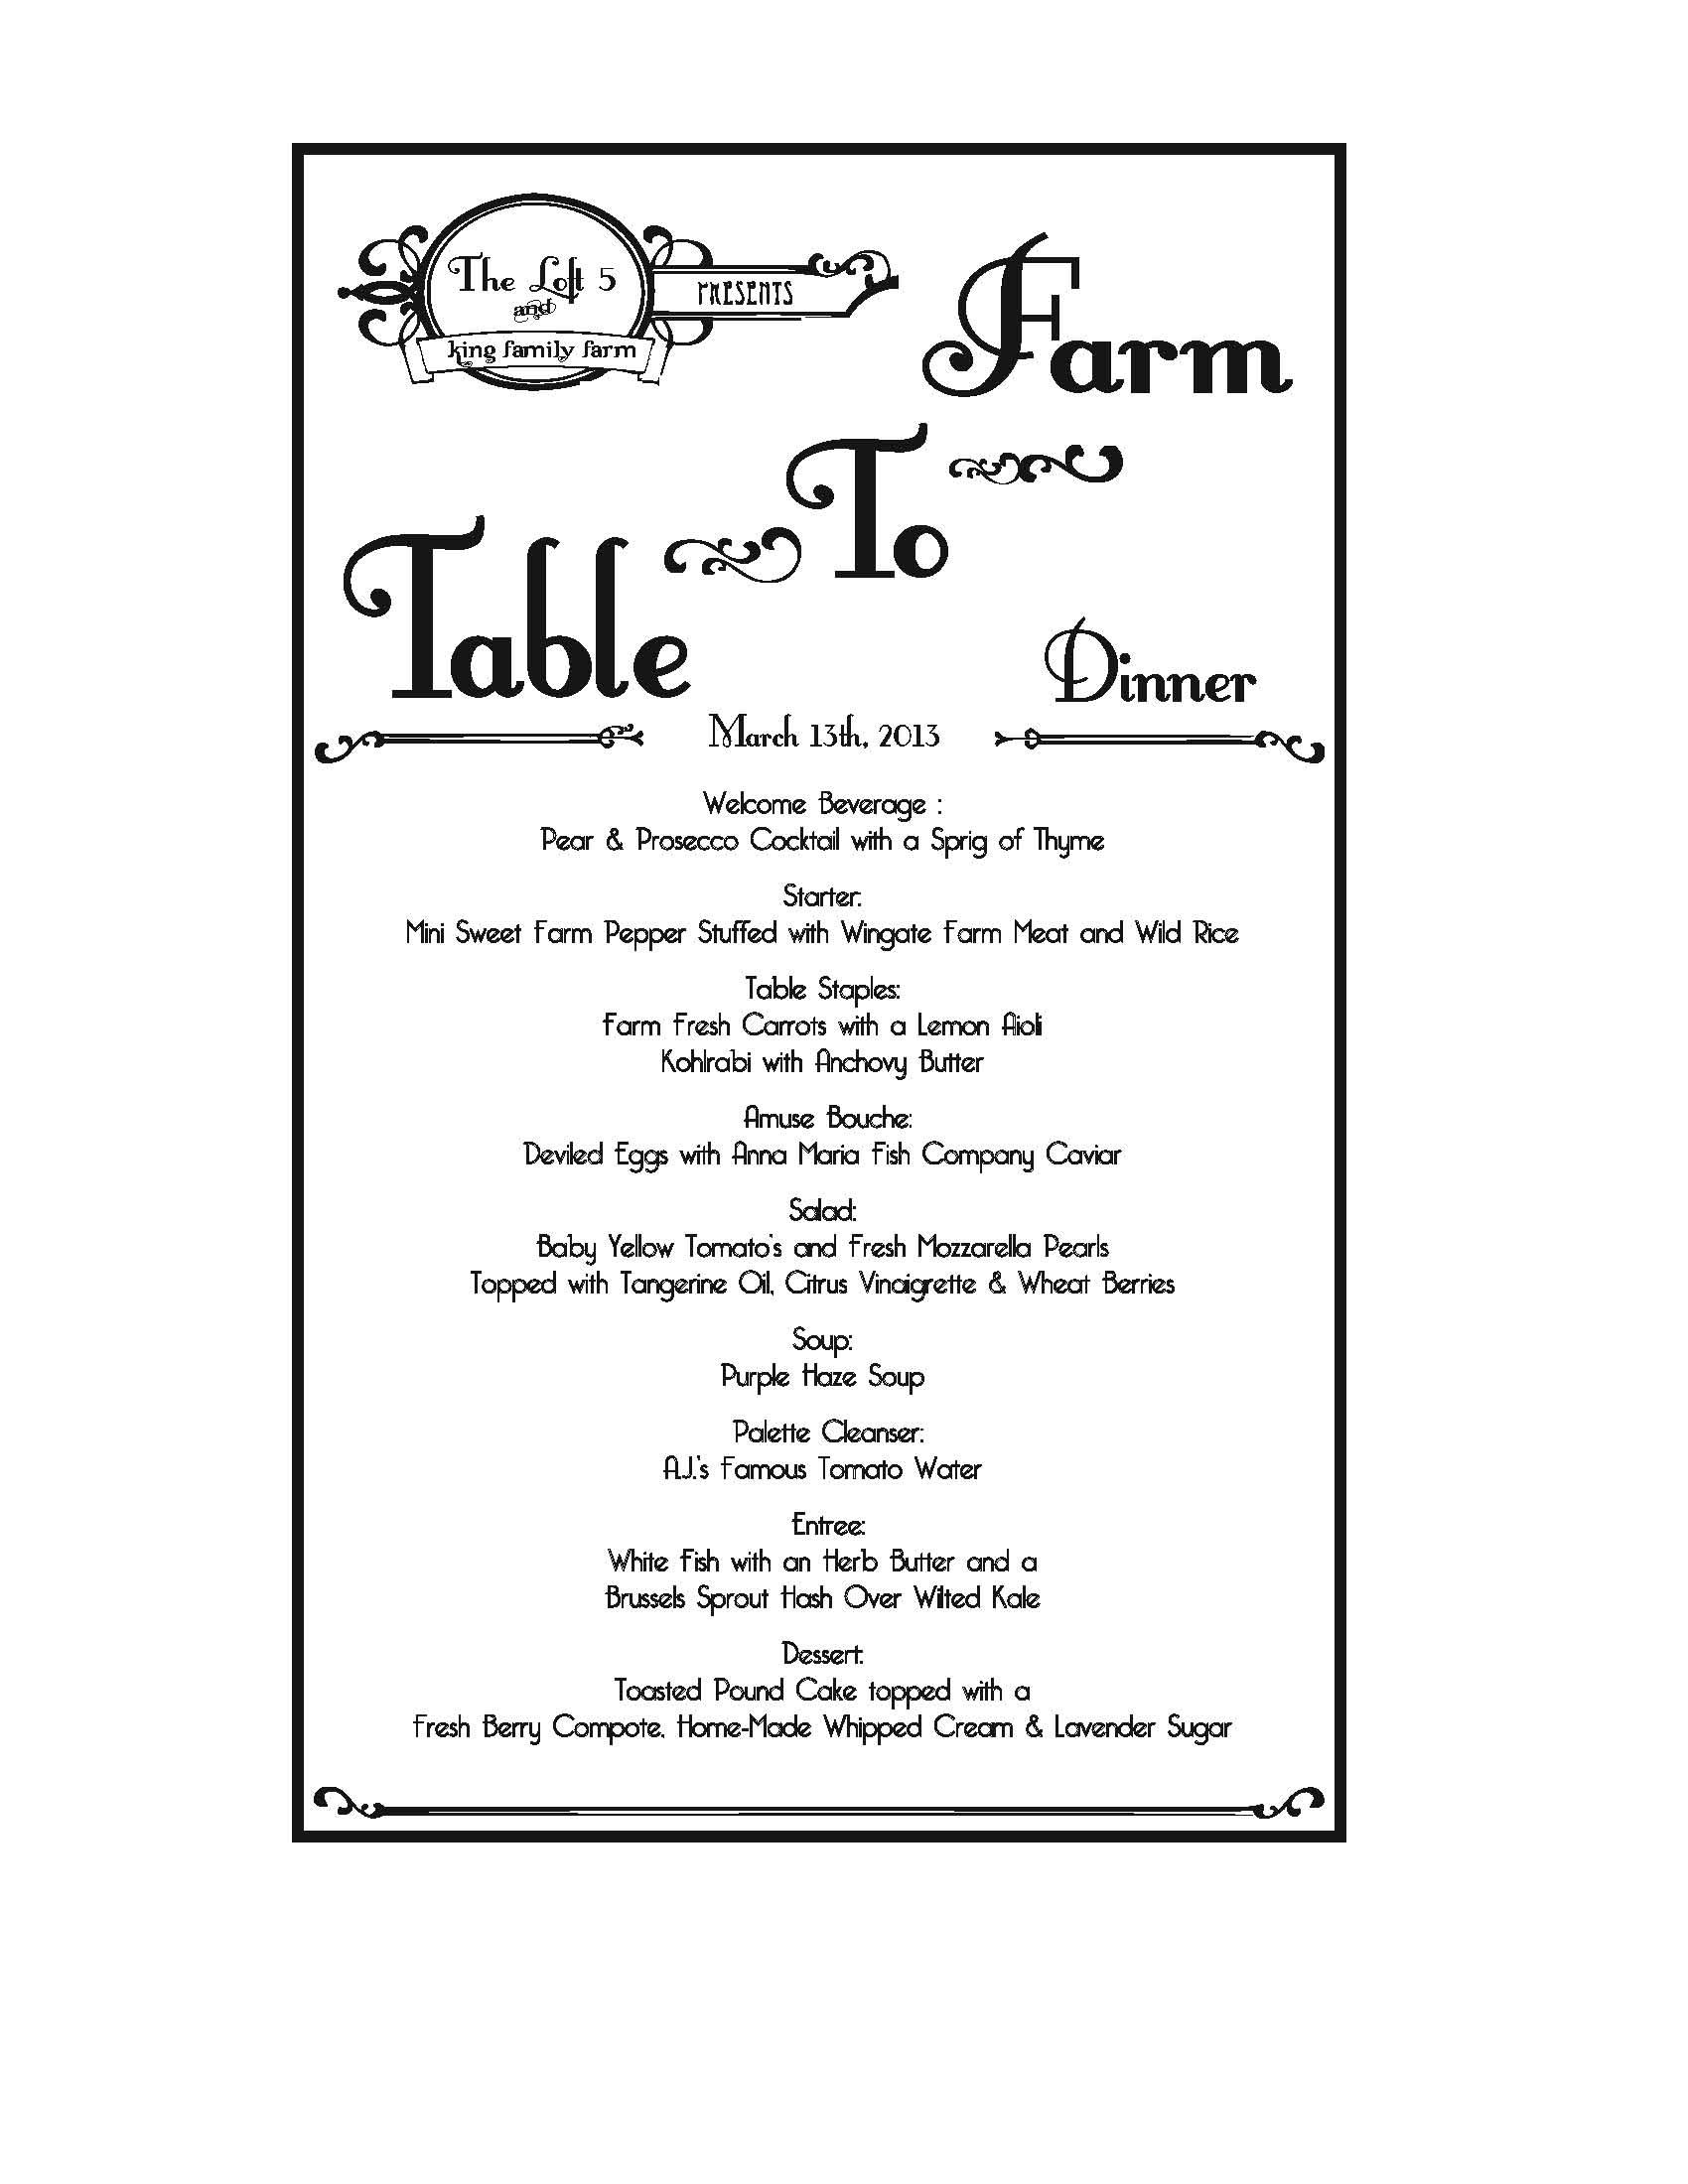 Table To Farm Menu 03-13-13_1.jpg